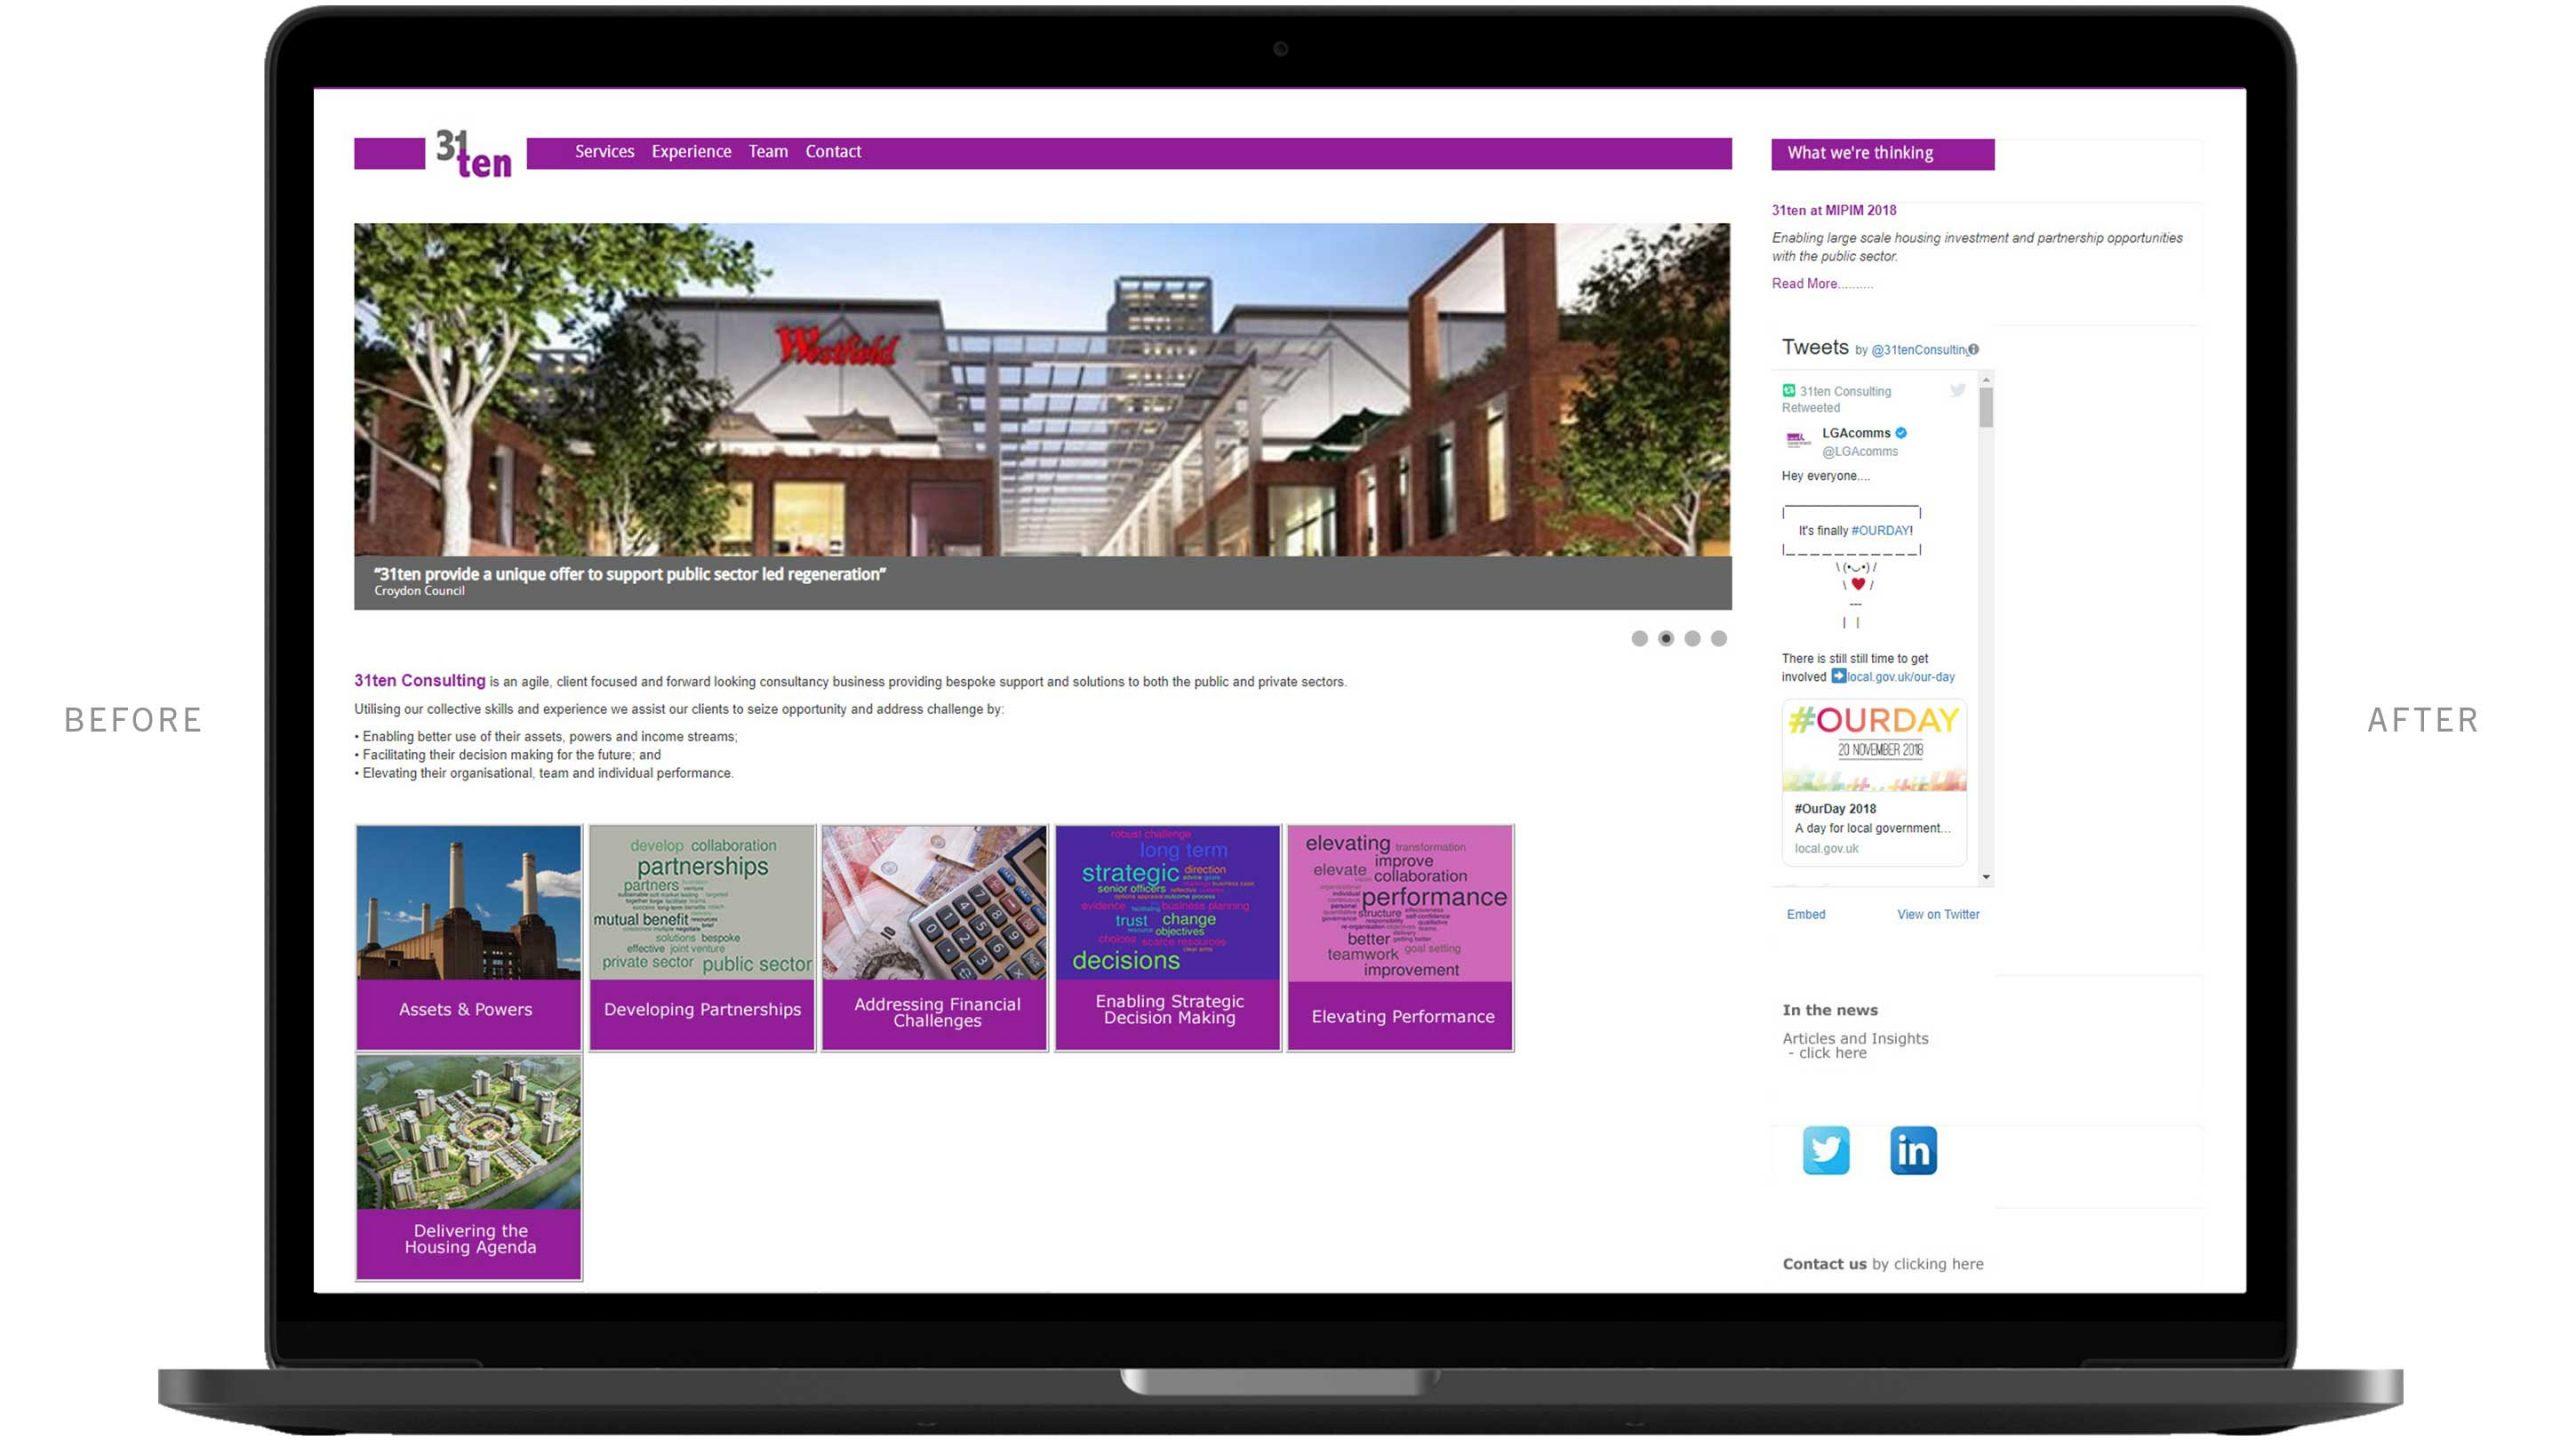 31ten consulting website before